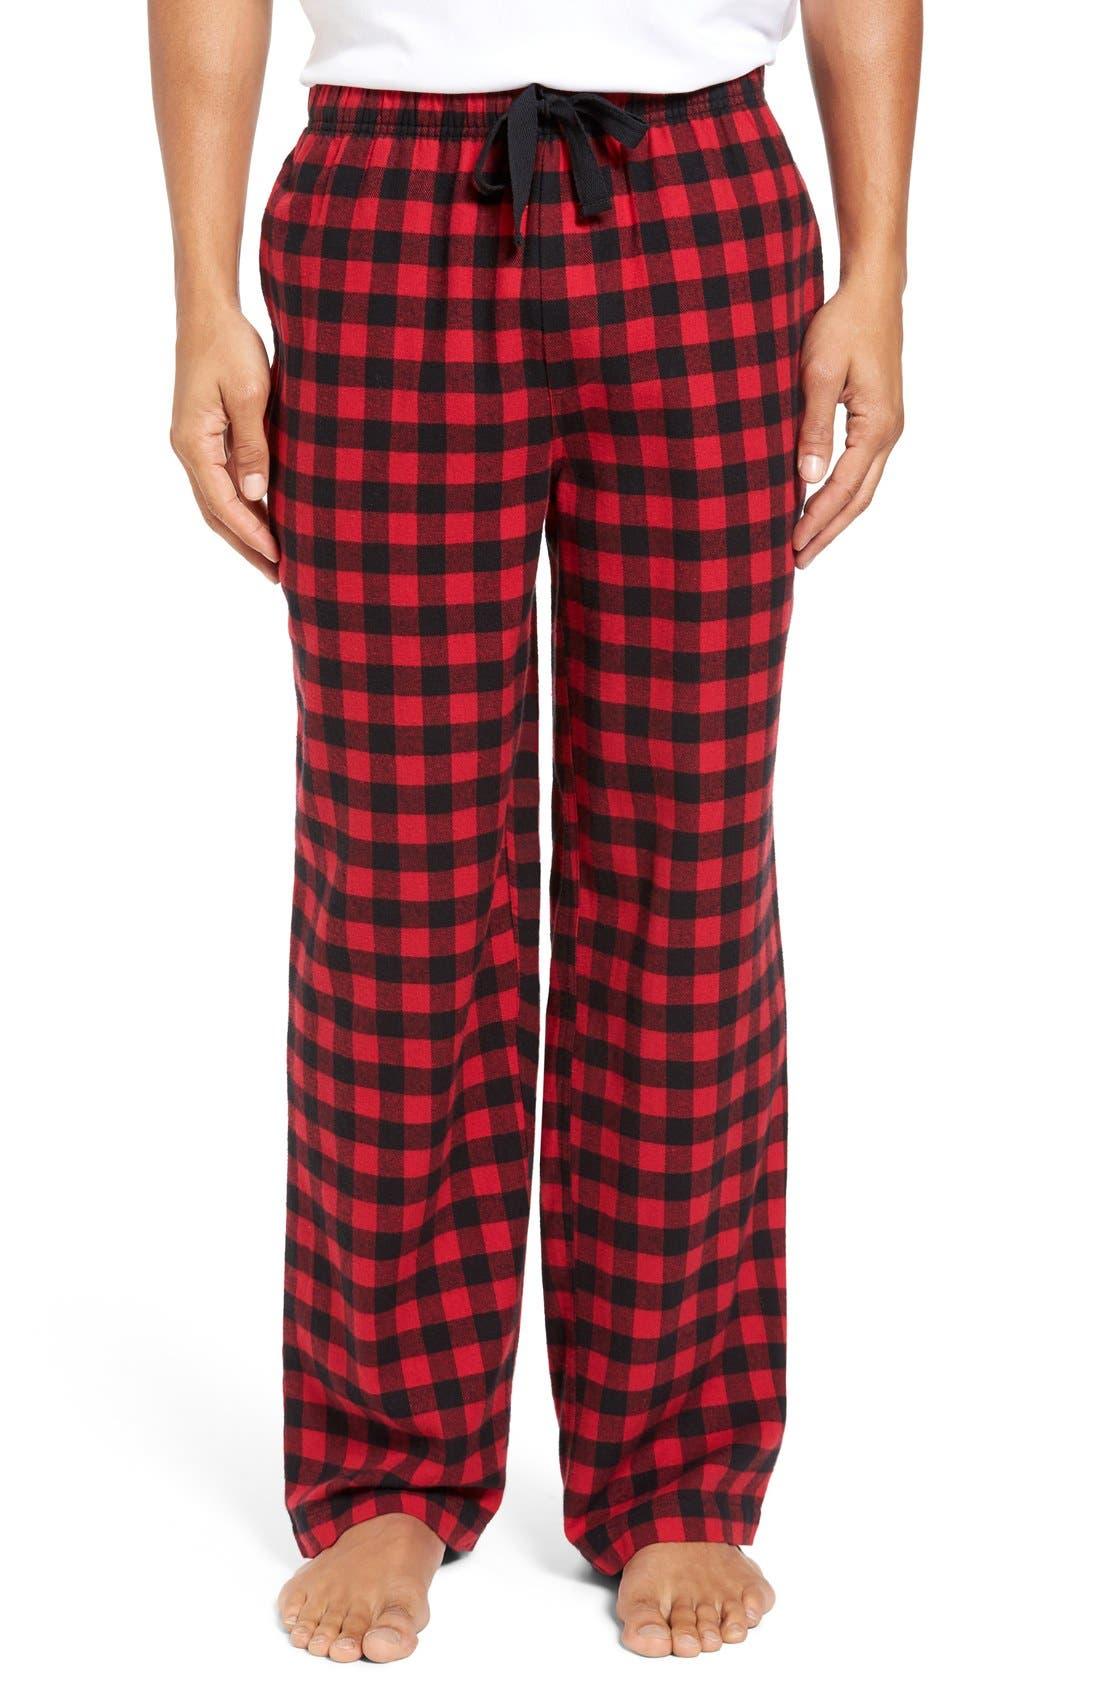 Alternate Image 1 Selected - Nordstrom Men's Shop Flannel Lounge Pants